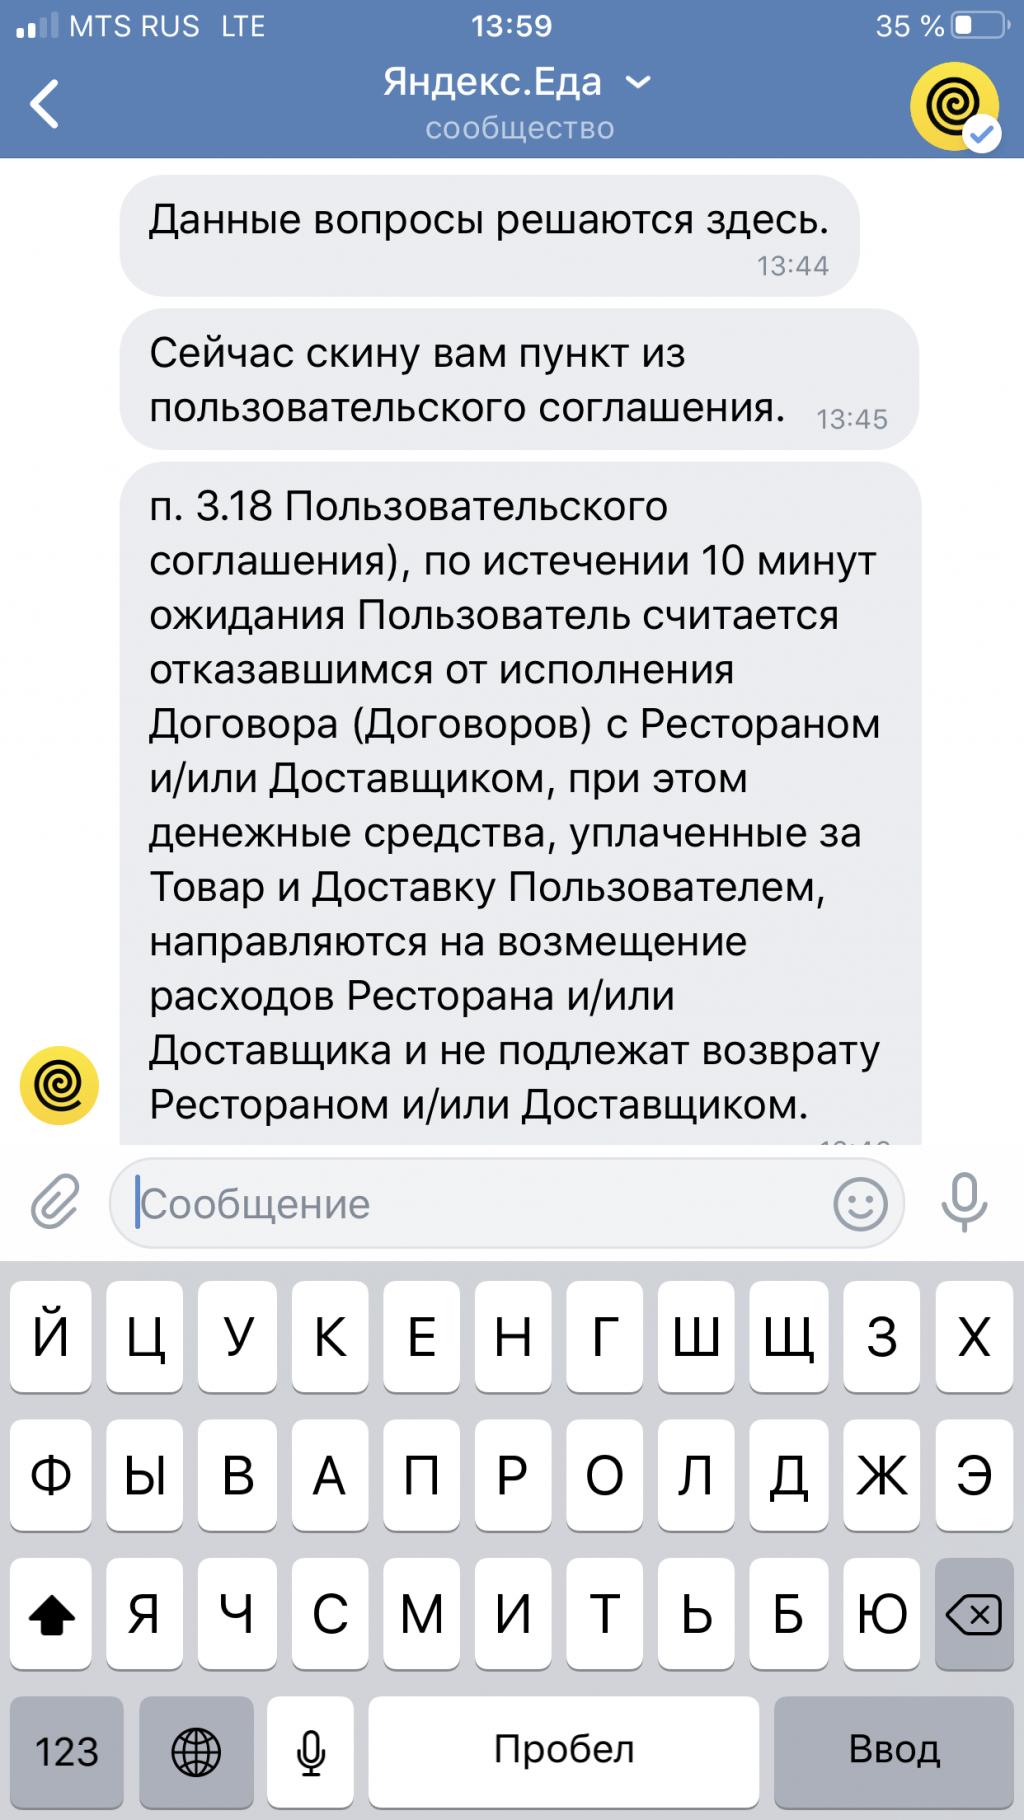 Яндекс.Еда - Ужасный сервис!!!